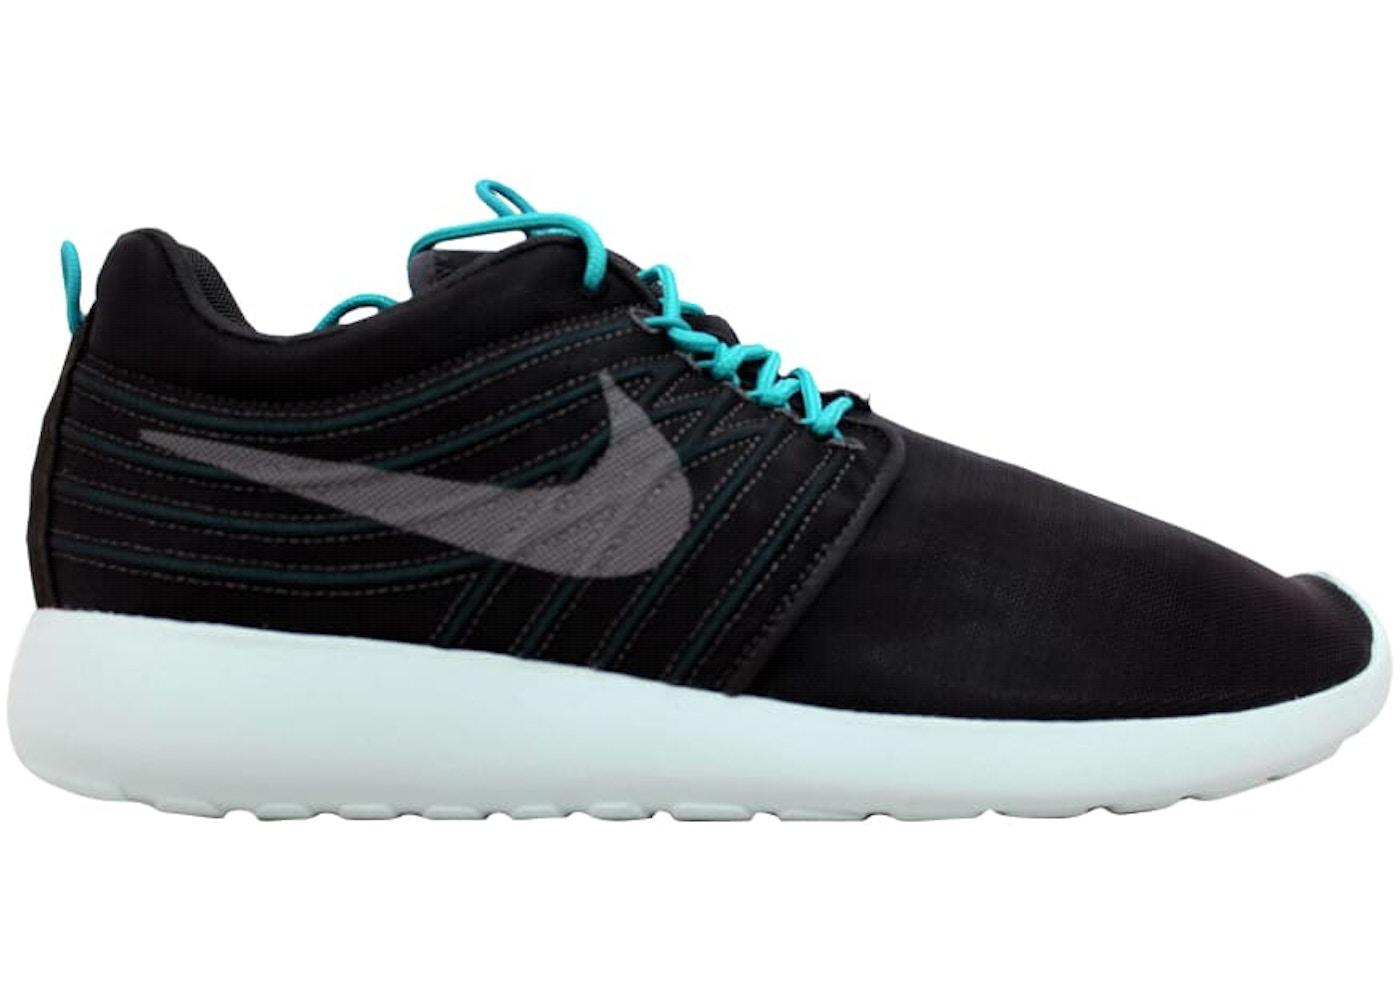 74381fff3fb3 Nike Rosherun DYN FW QS Dynamic Flywire Quickstrike - 580579-030